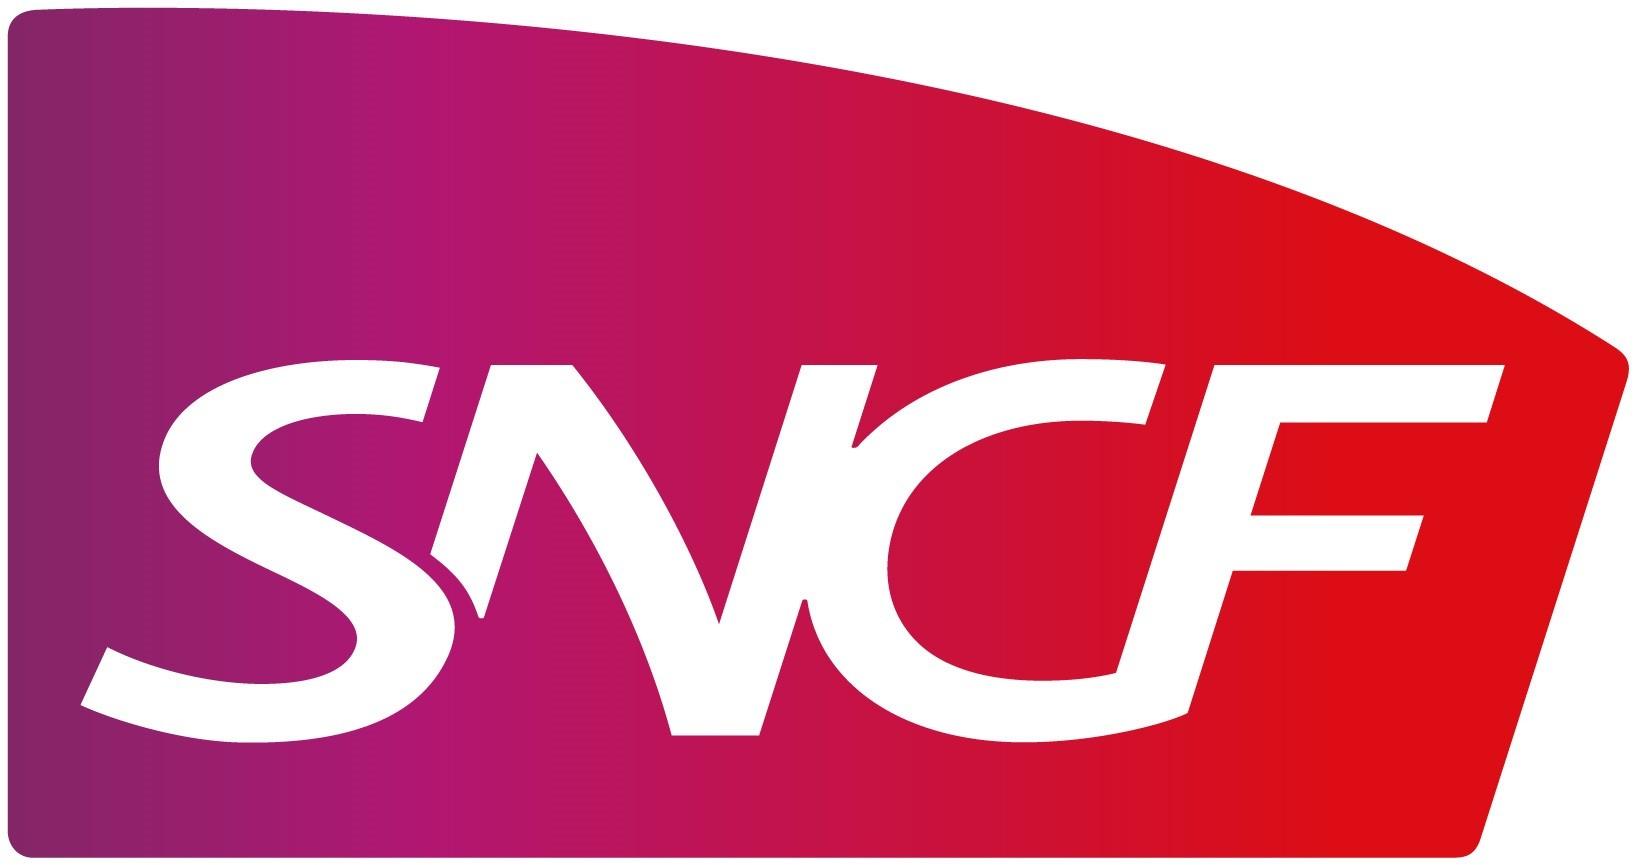 SNCF partenaire de l'ESUP - École Supérieure de Commerce, Management et Marketing - ESUP Paris école de commerce en alternance